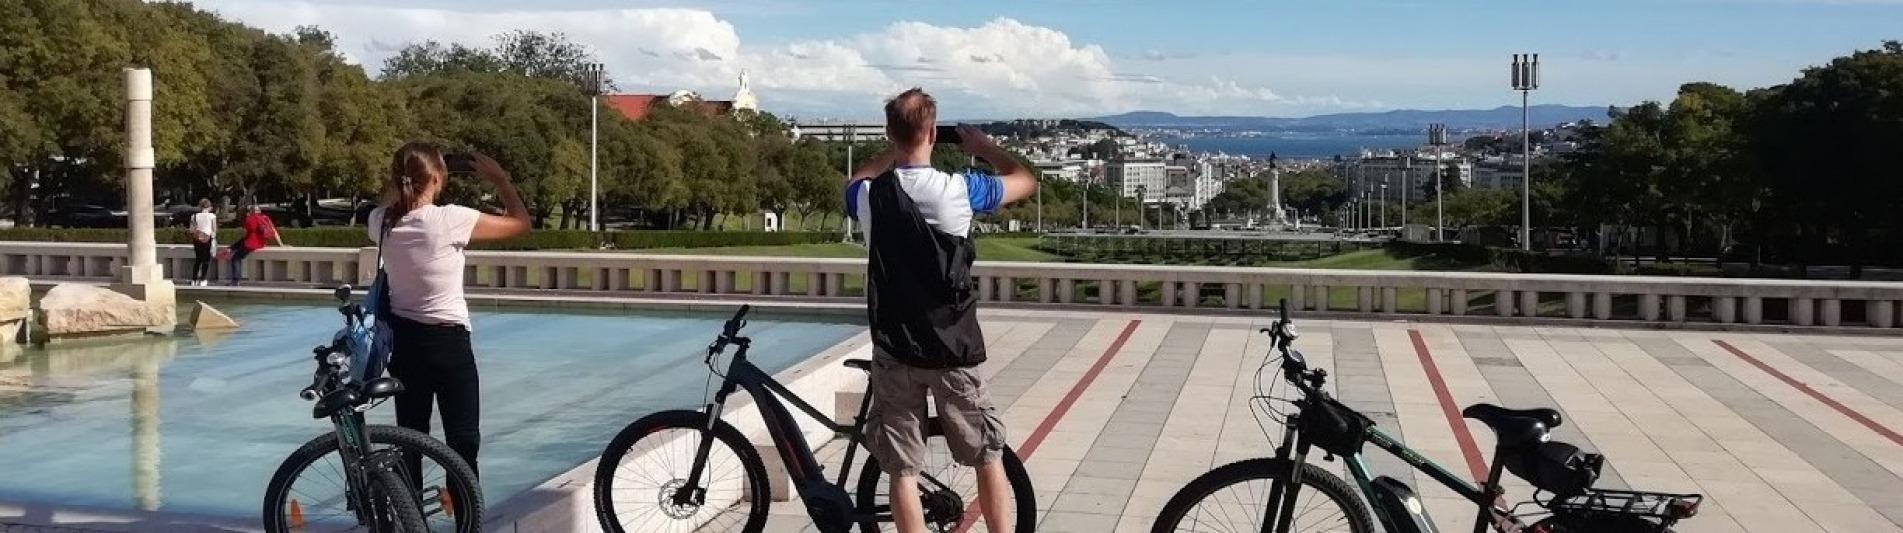 lisbon_viewpoints_by_bike_tour_1